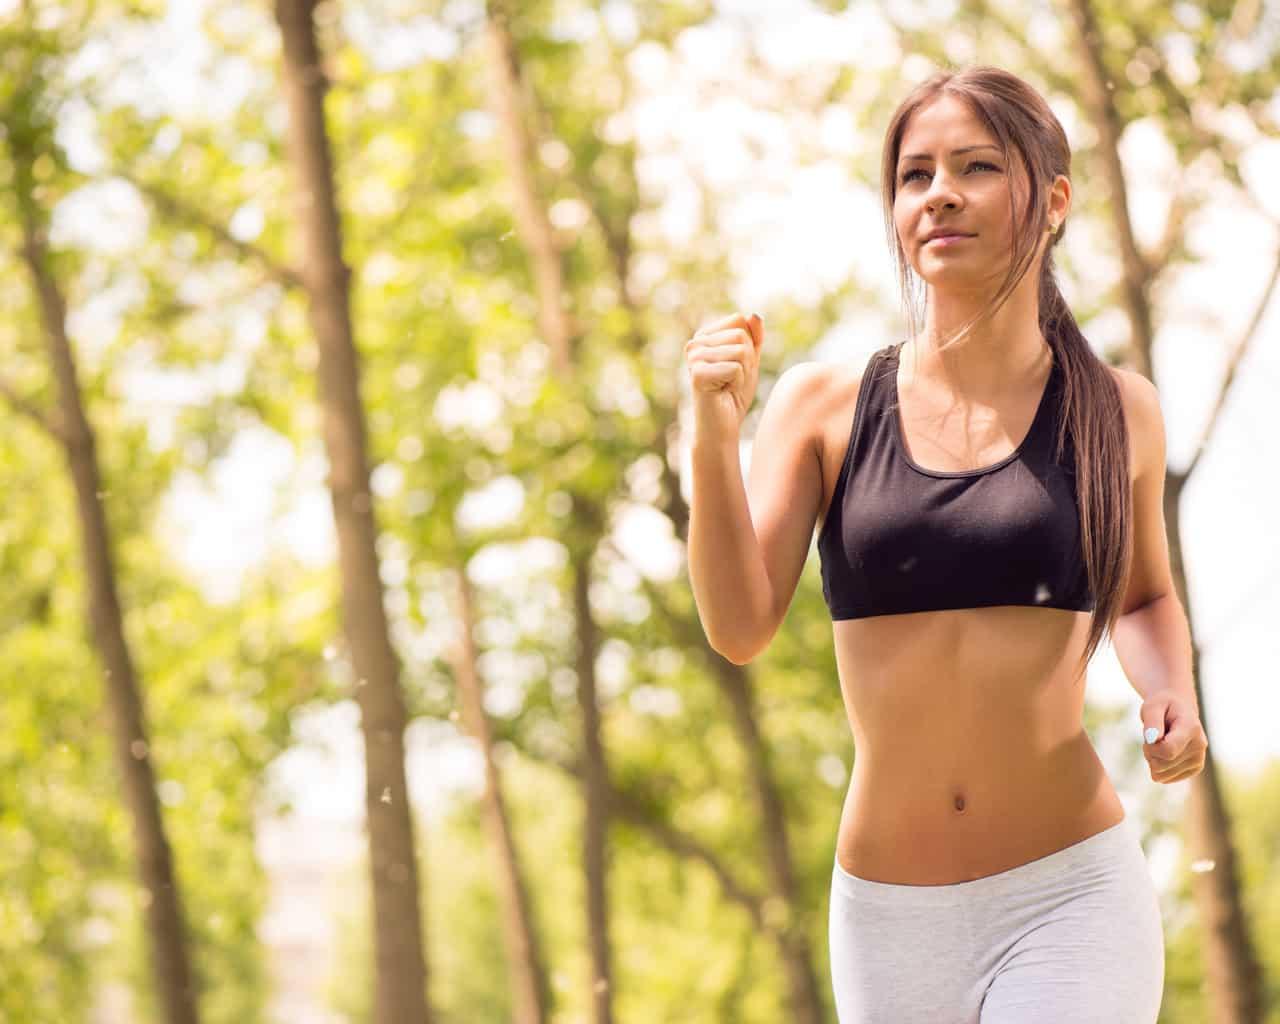 Какие виды спорта во время простуды не нанесут вреда?